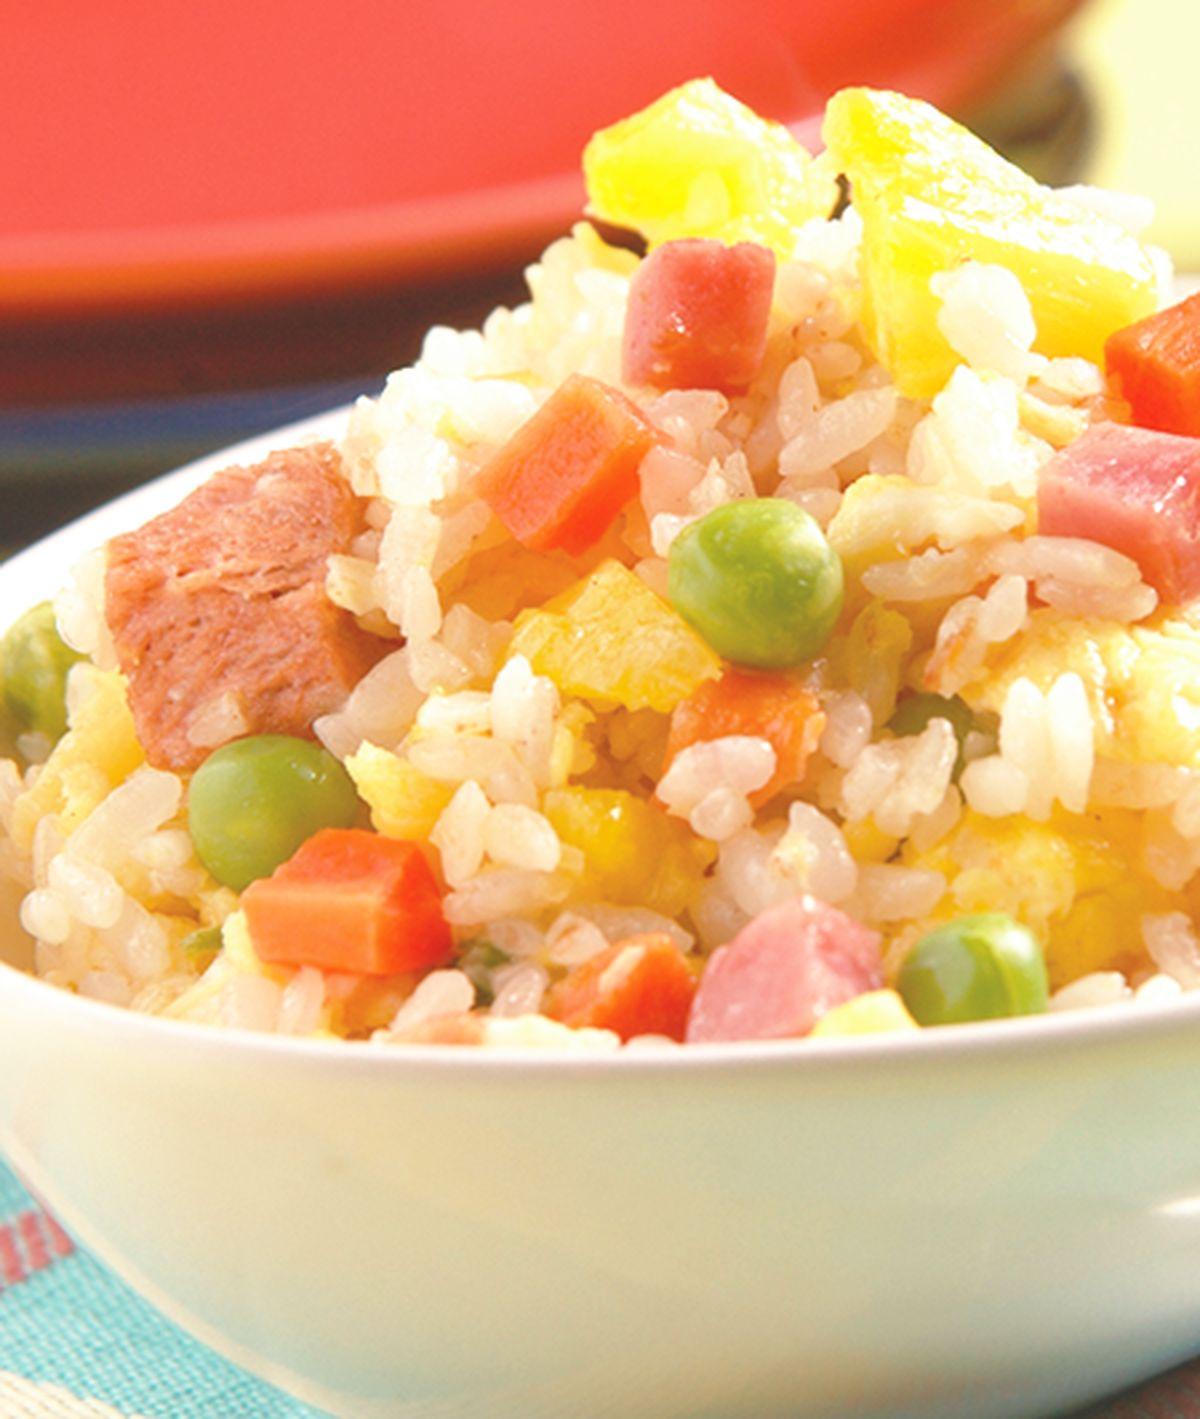 食譜:夏威夷炒飯